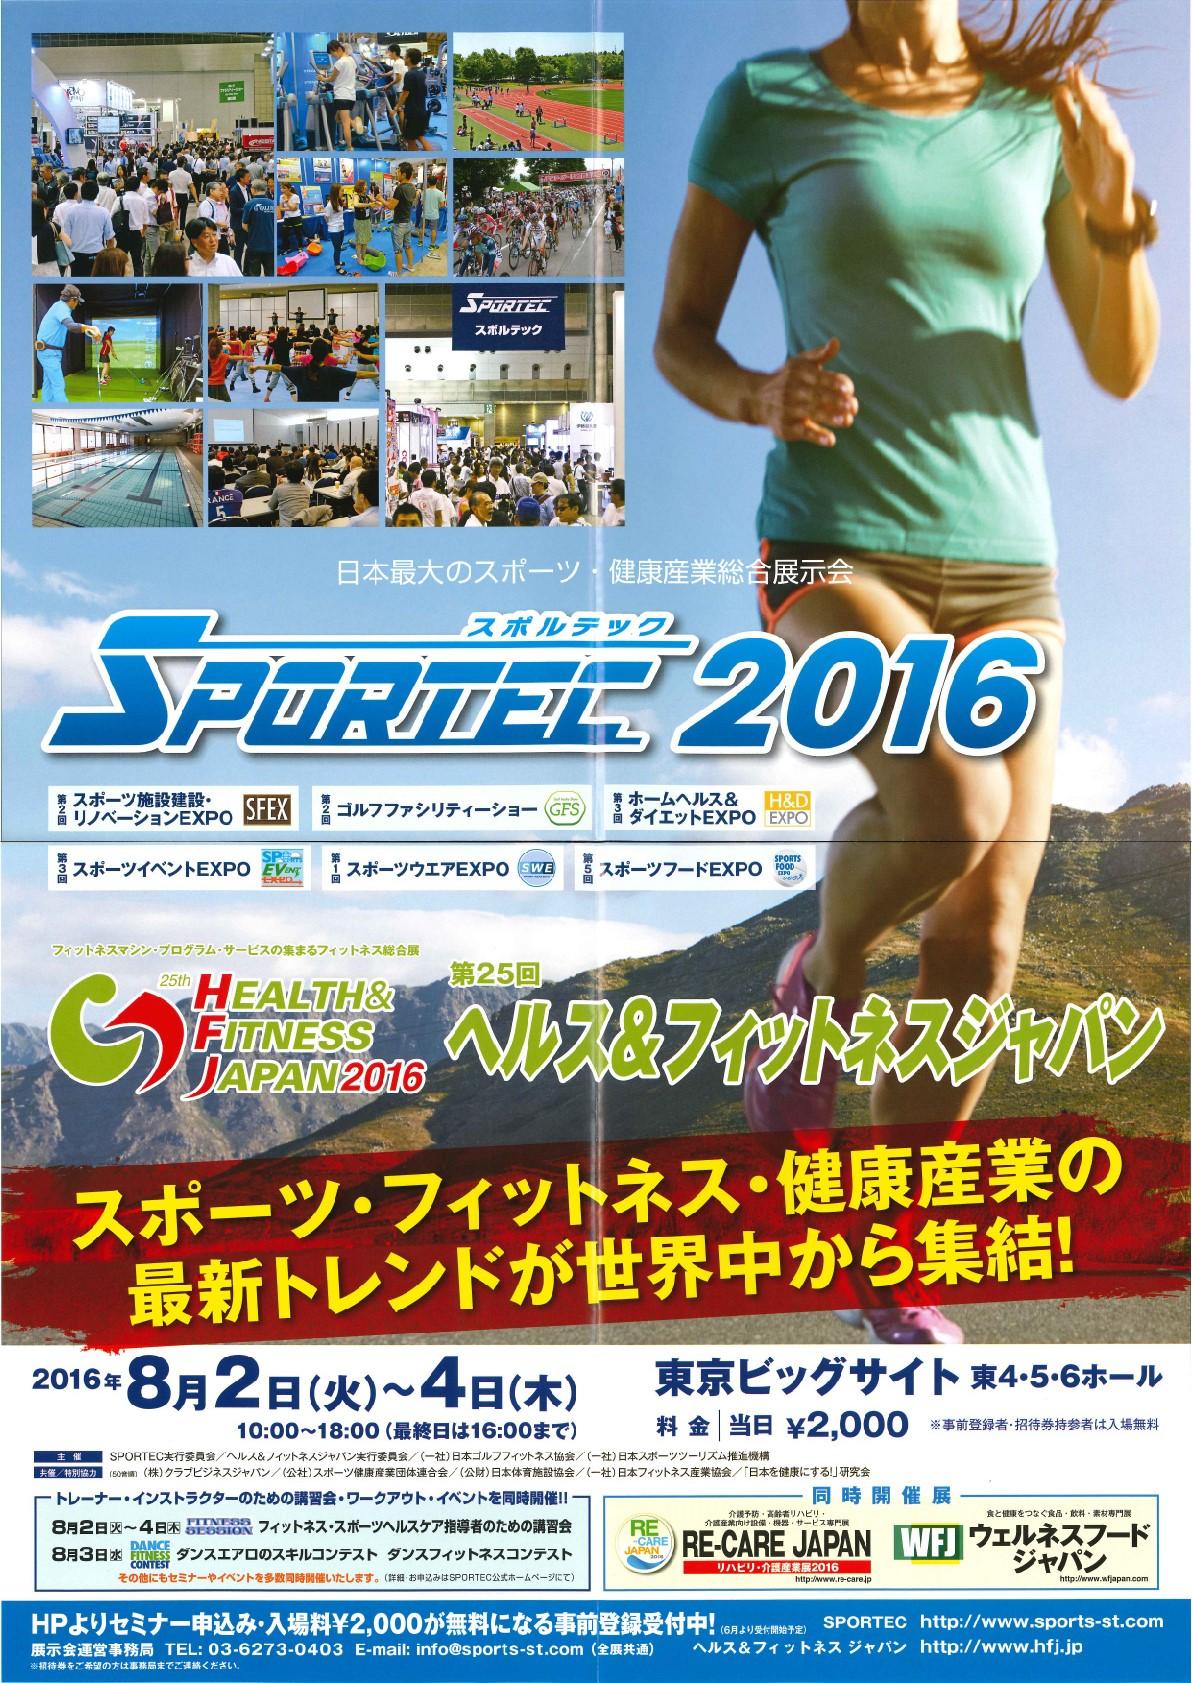 Sportec2016ポスター